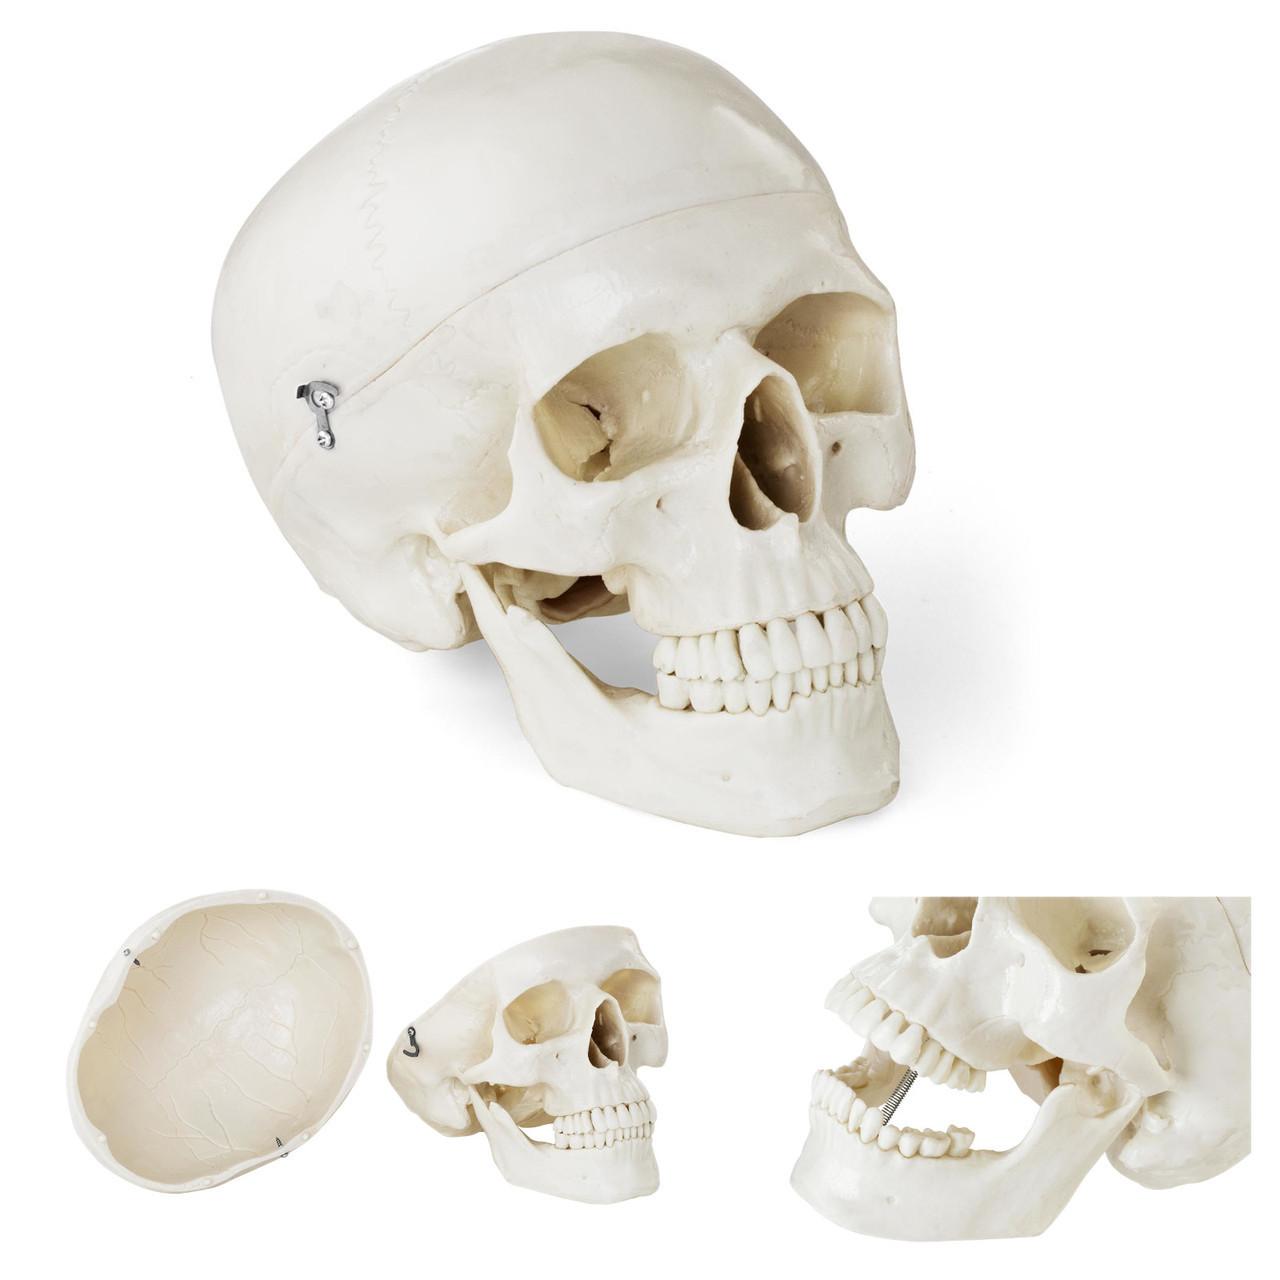 Анатомическая модель человеческого черепа по соотношению 1: 1